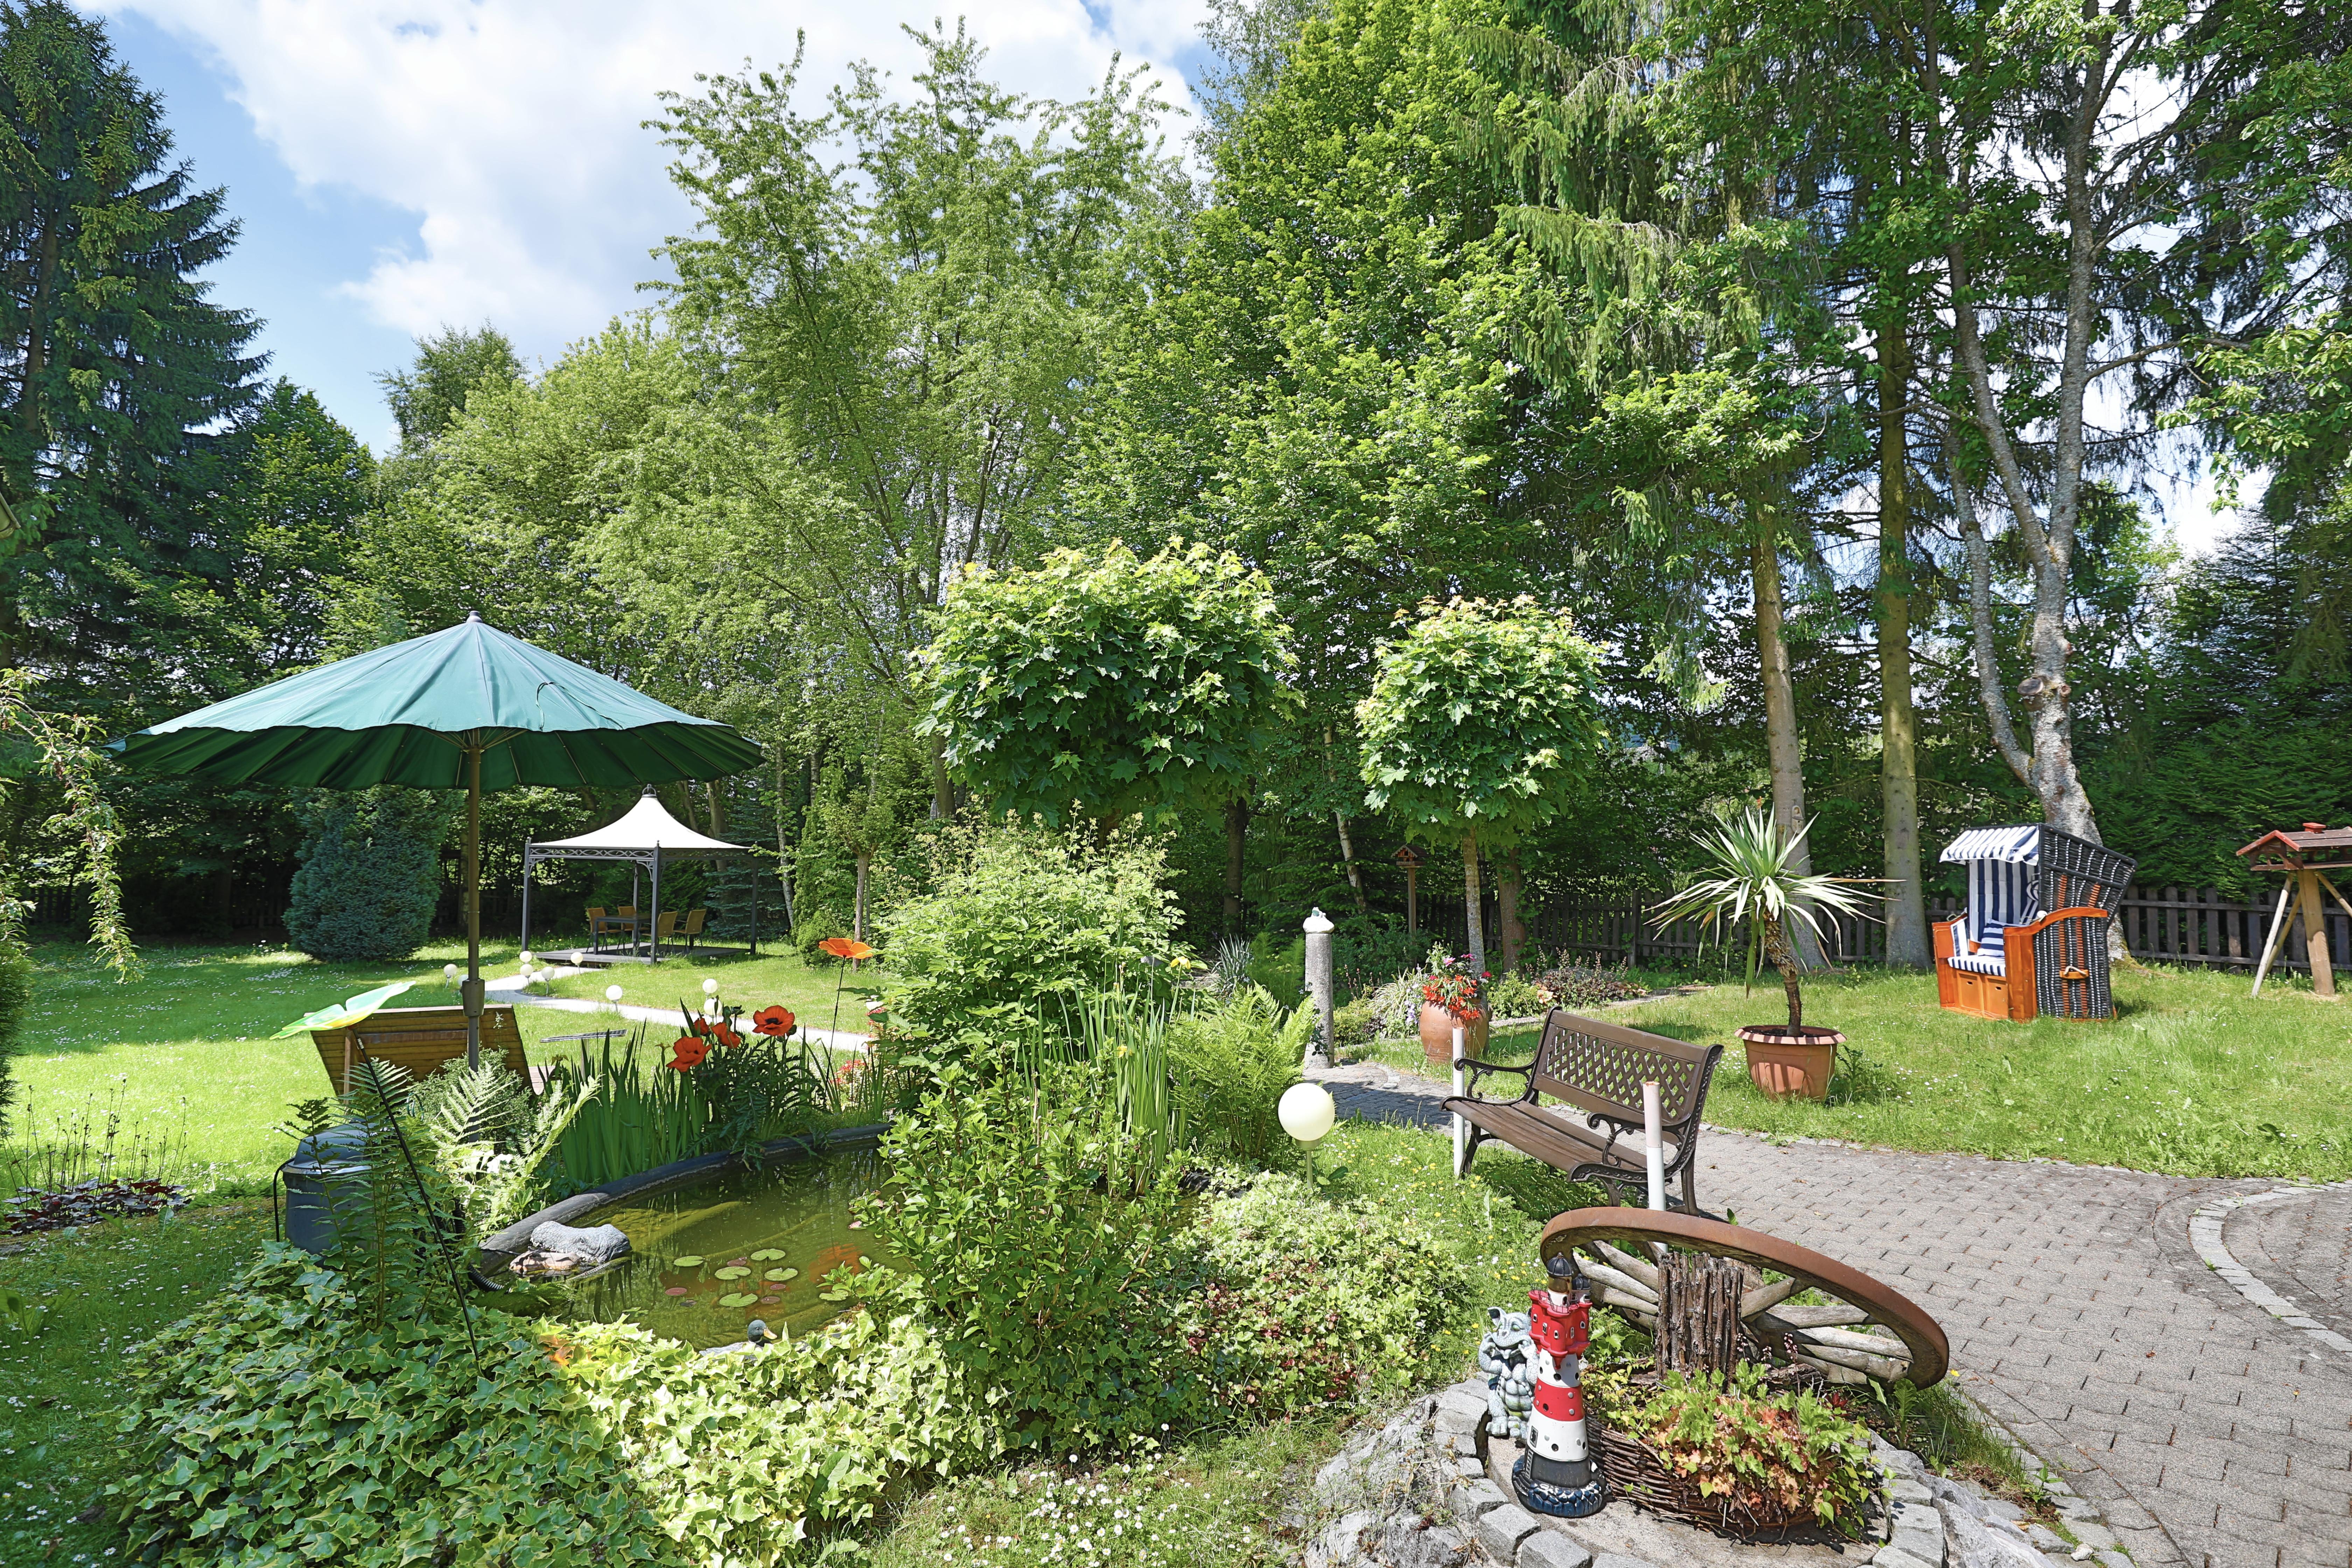 Inspirierend Garten Terrasse Dekoration Von Gern Genutzt Von Unseren Gästen Werden Die